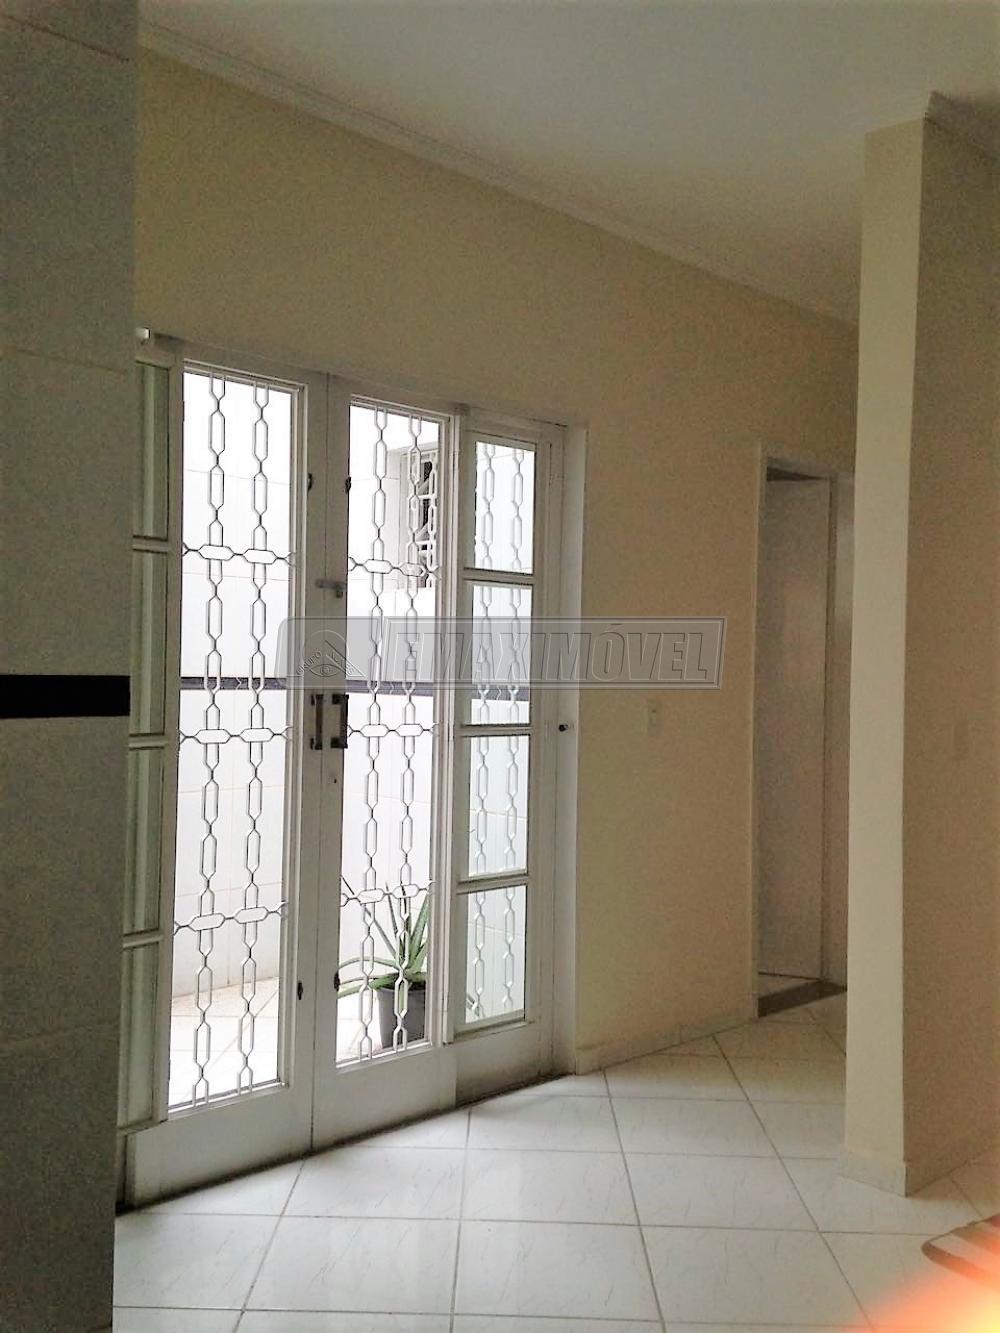 Comprar Casas / em Bairros em Sorocaba apenas R$ 235.000,00 - Foto 10